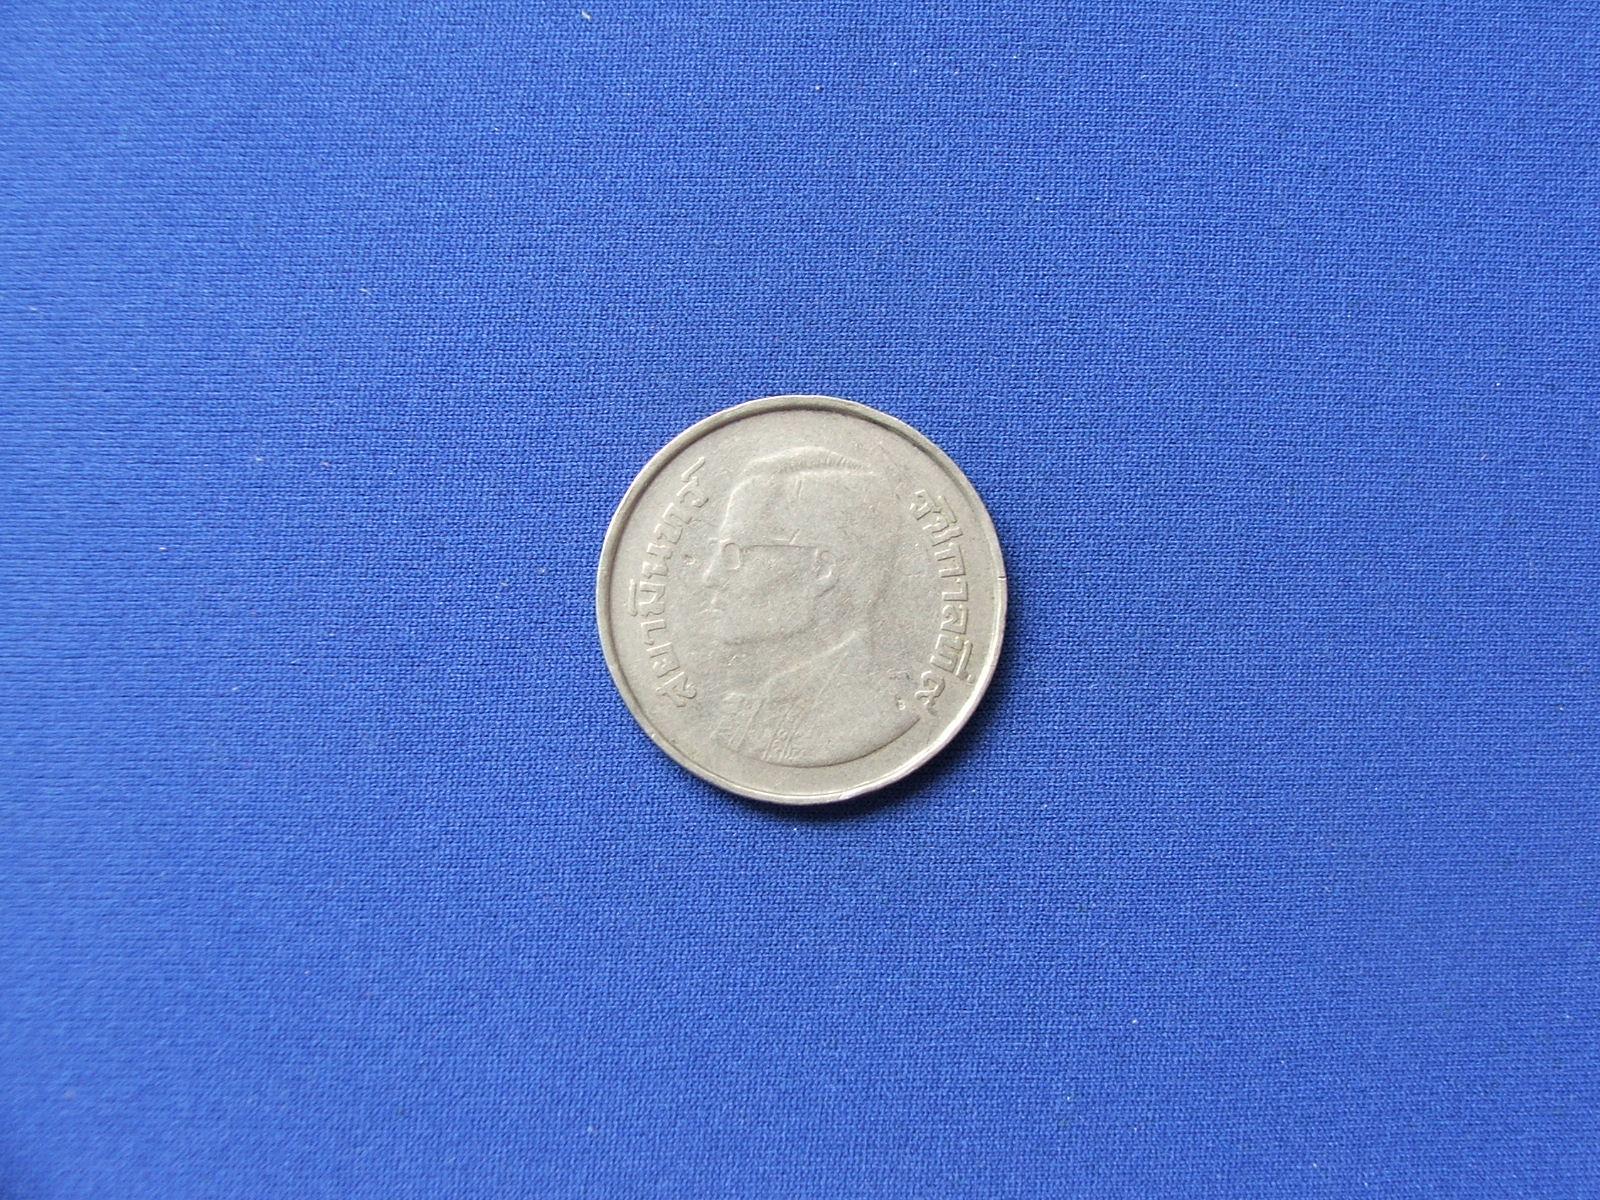 เหรียญ ๕ บาท ๒๕๒๒